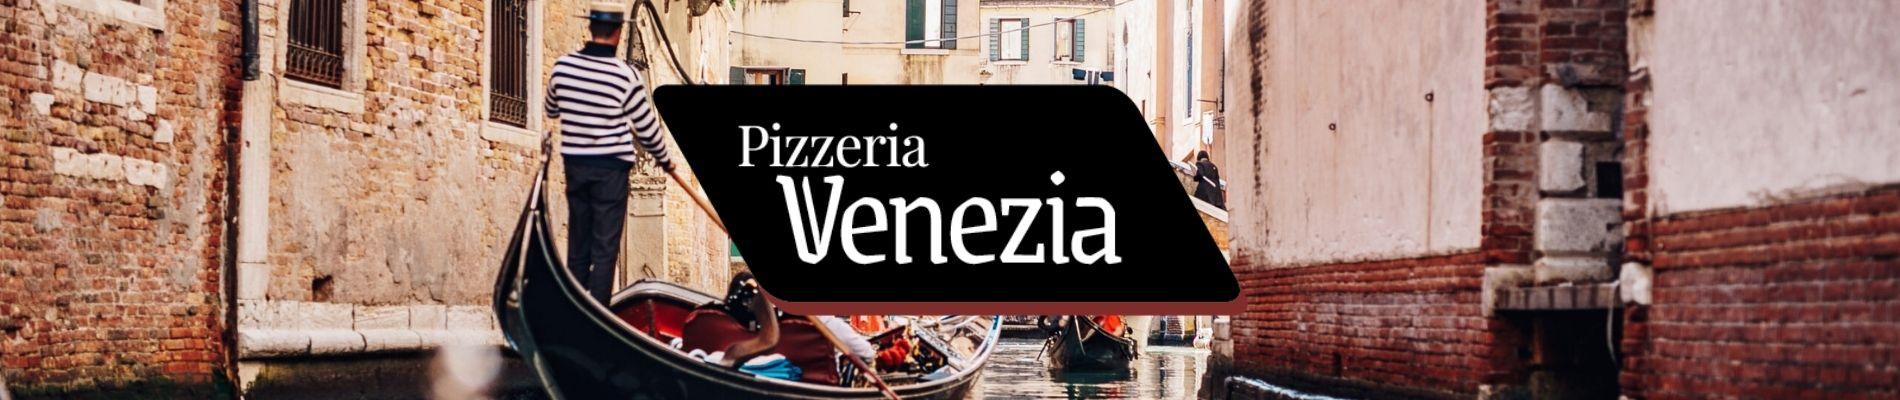 Restaurant Pizzeria Venezia Neumarkt Teaser